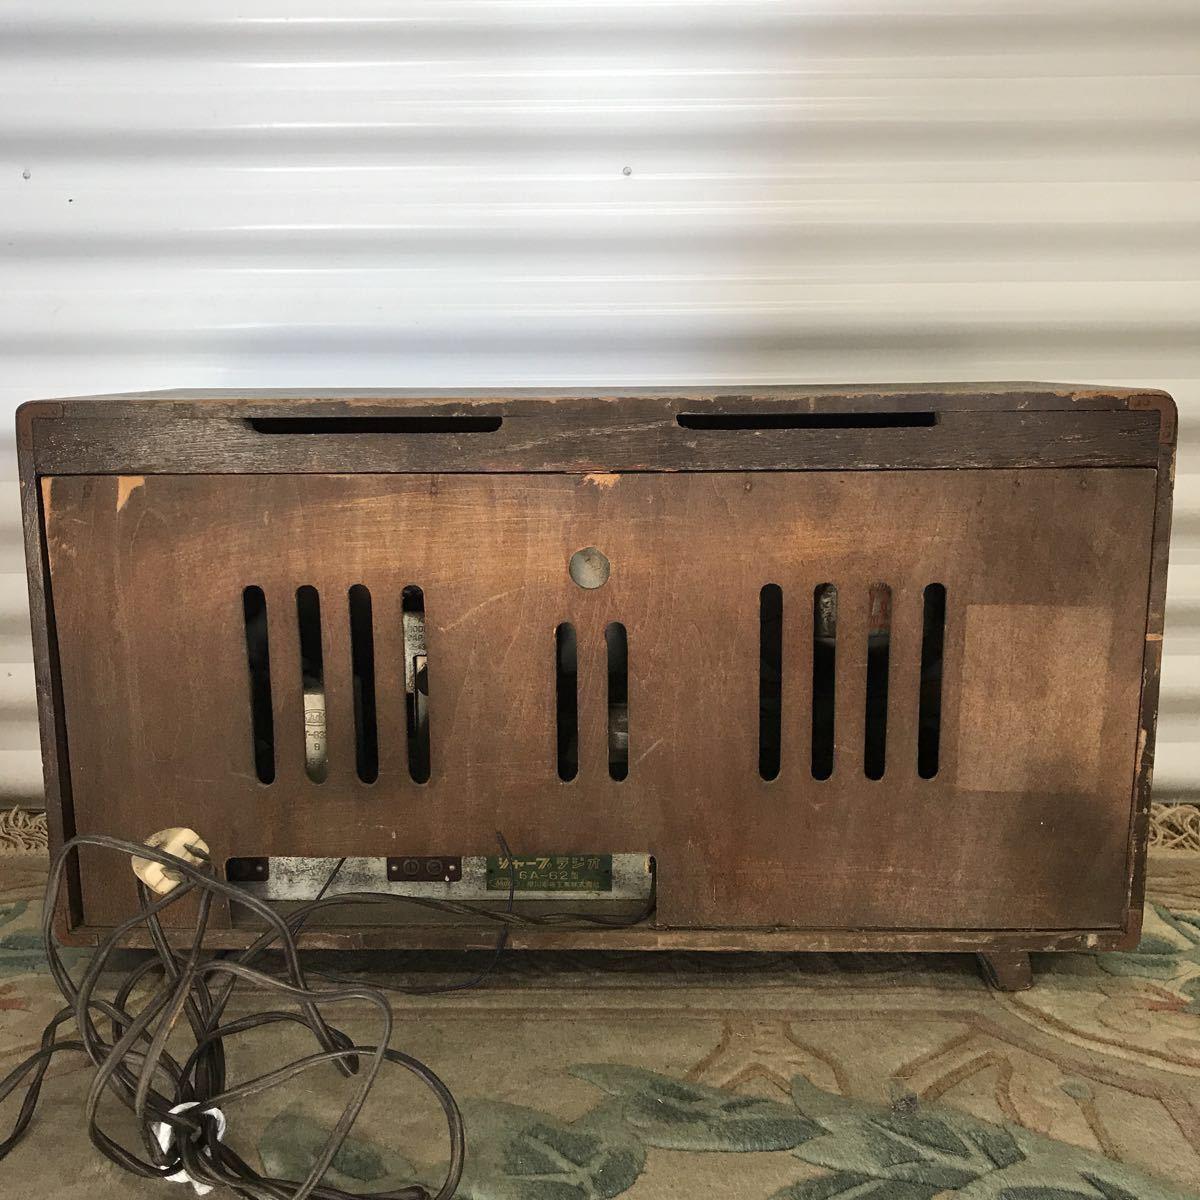 シャープ SHARP 真空管ラジオ ラジオ 6A-62型 昭和レトロ インテリア ジャンク品_画像3